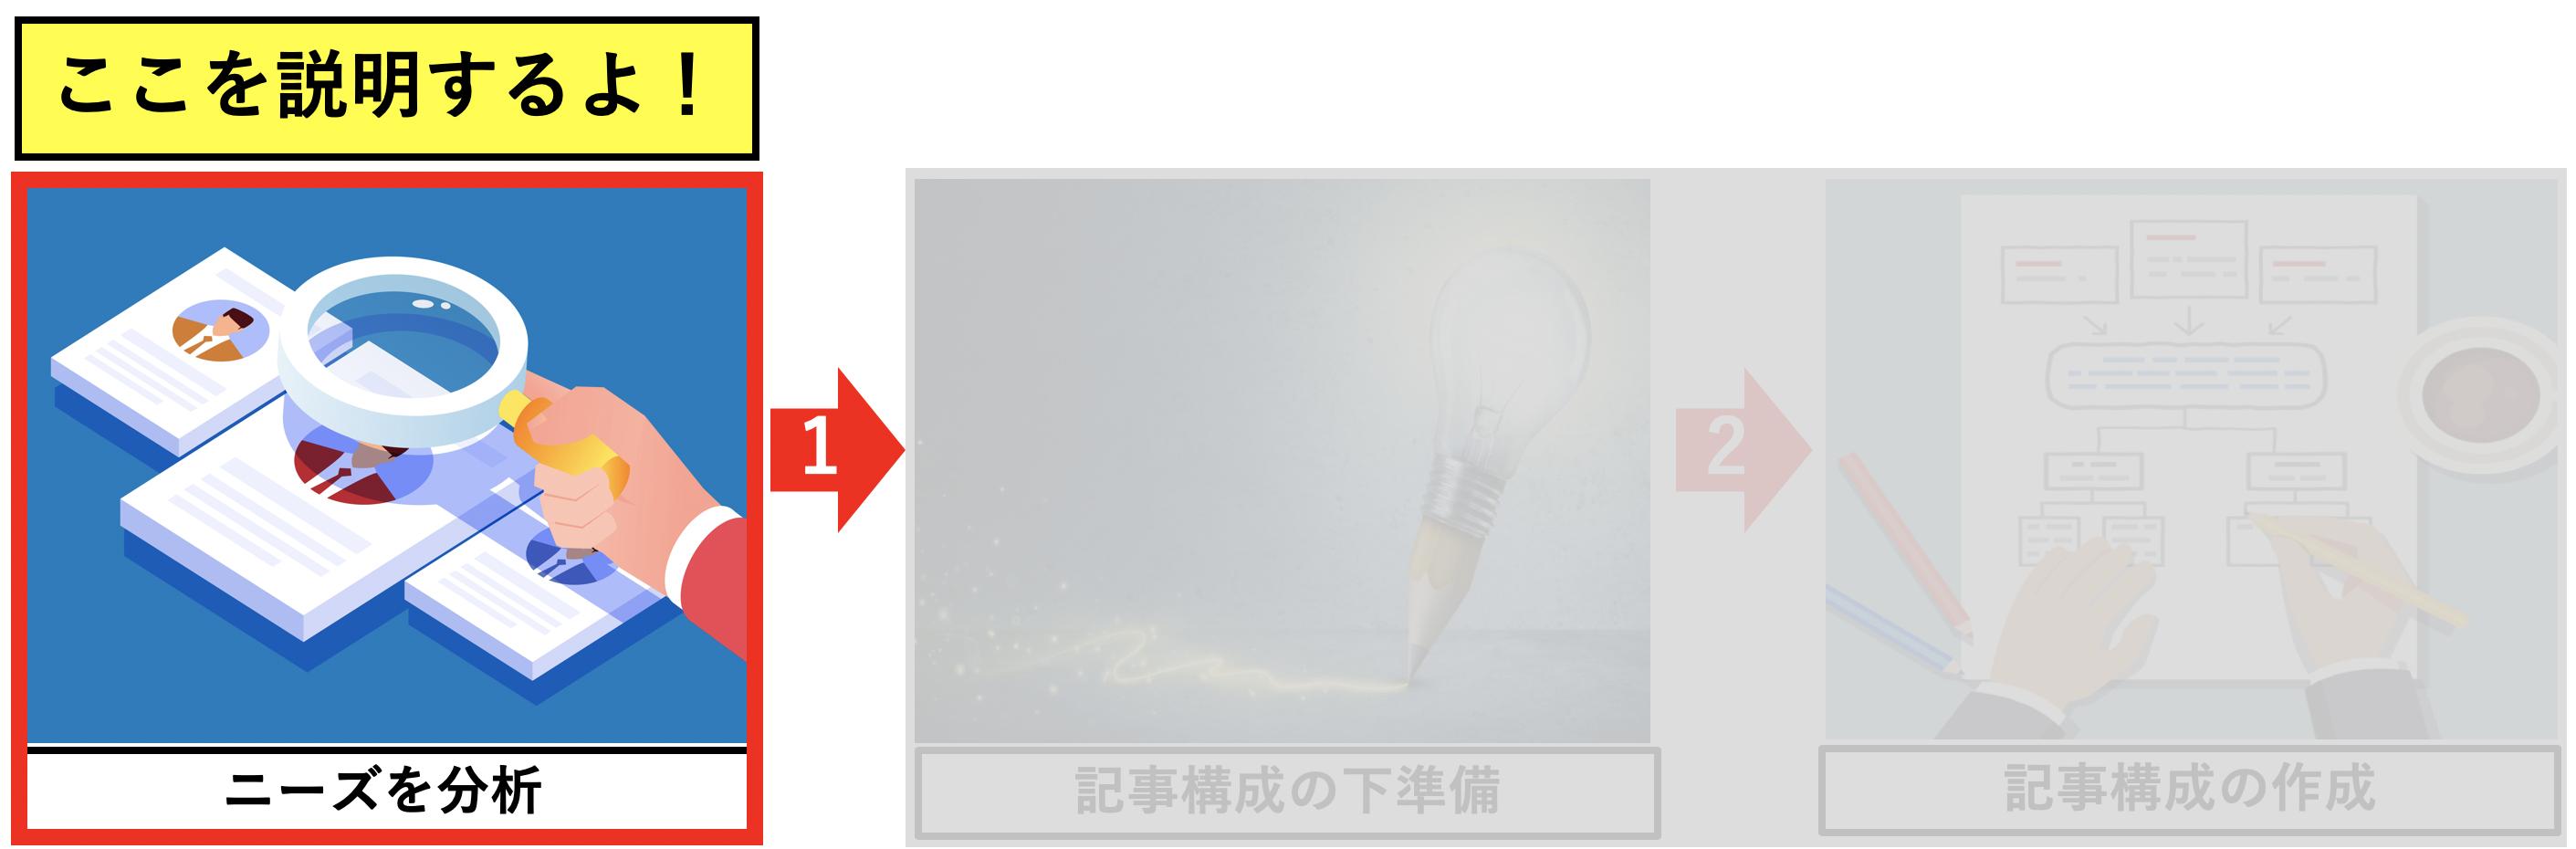 ブログ記事構成の作り方3ステップ(ニーズ分析)